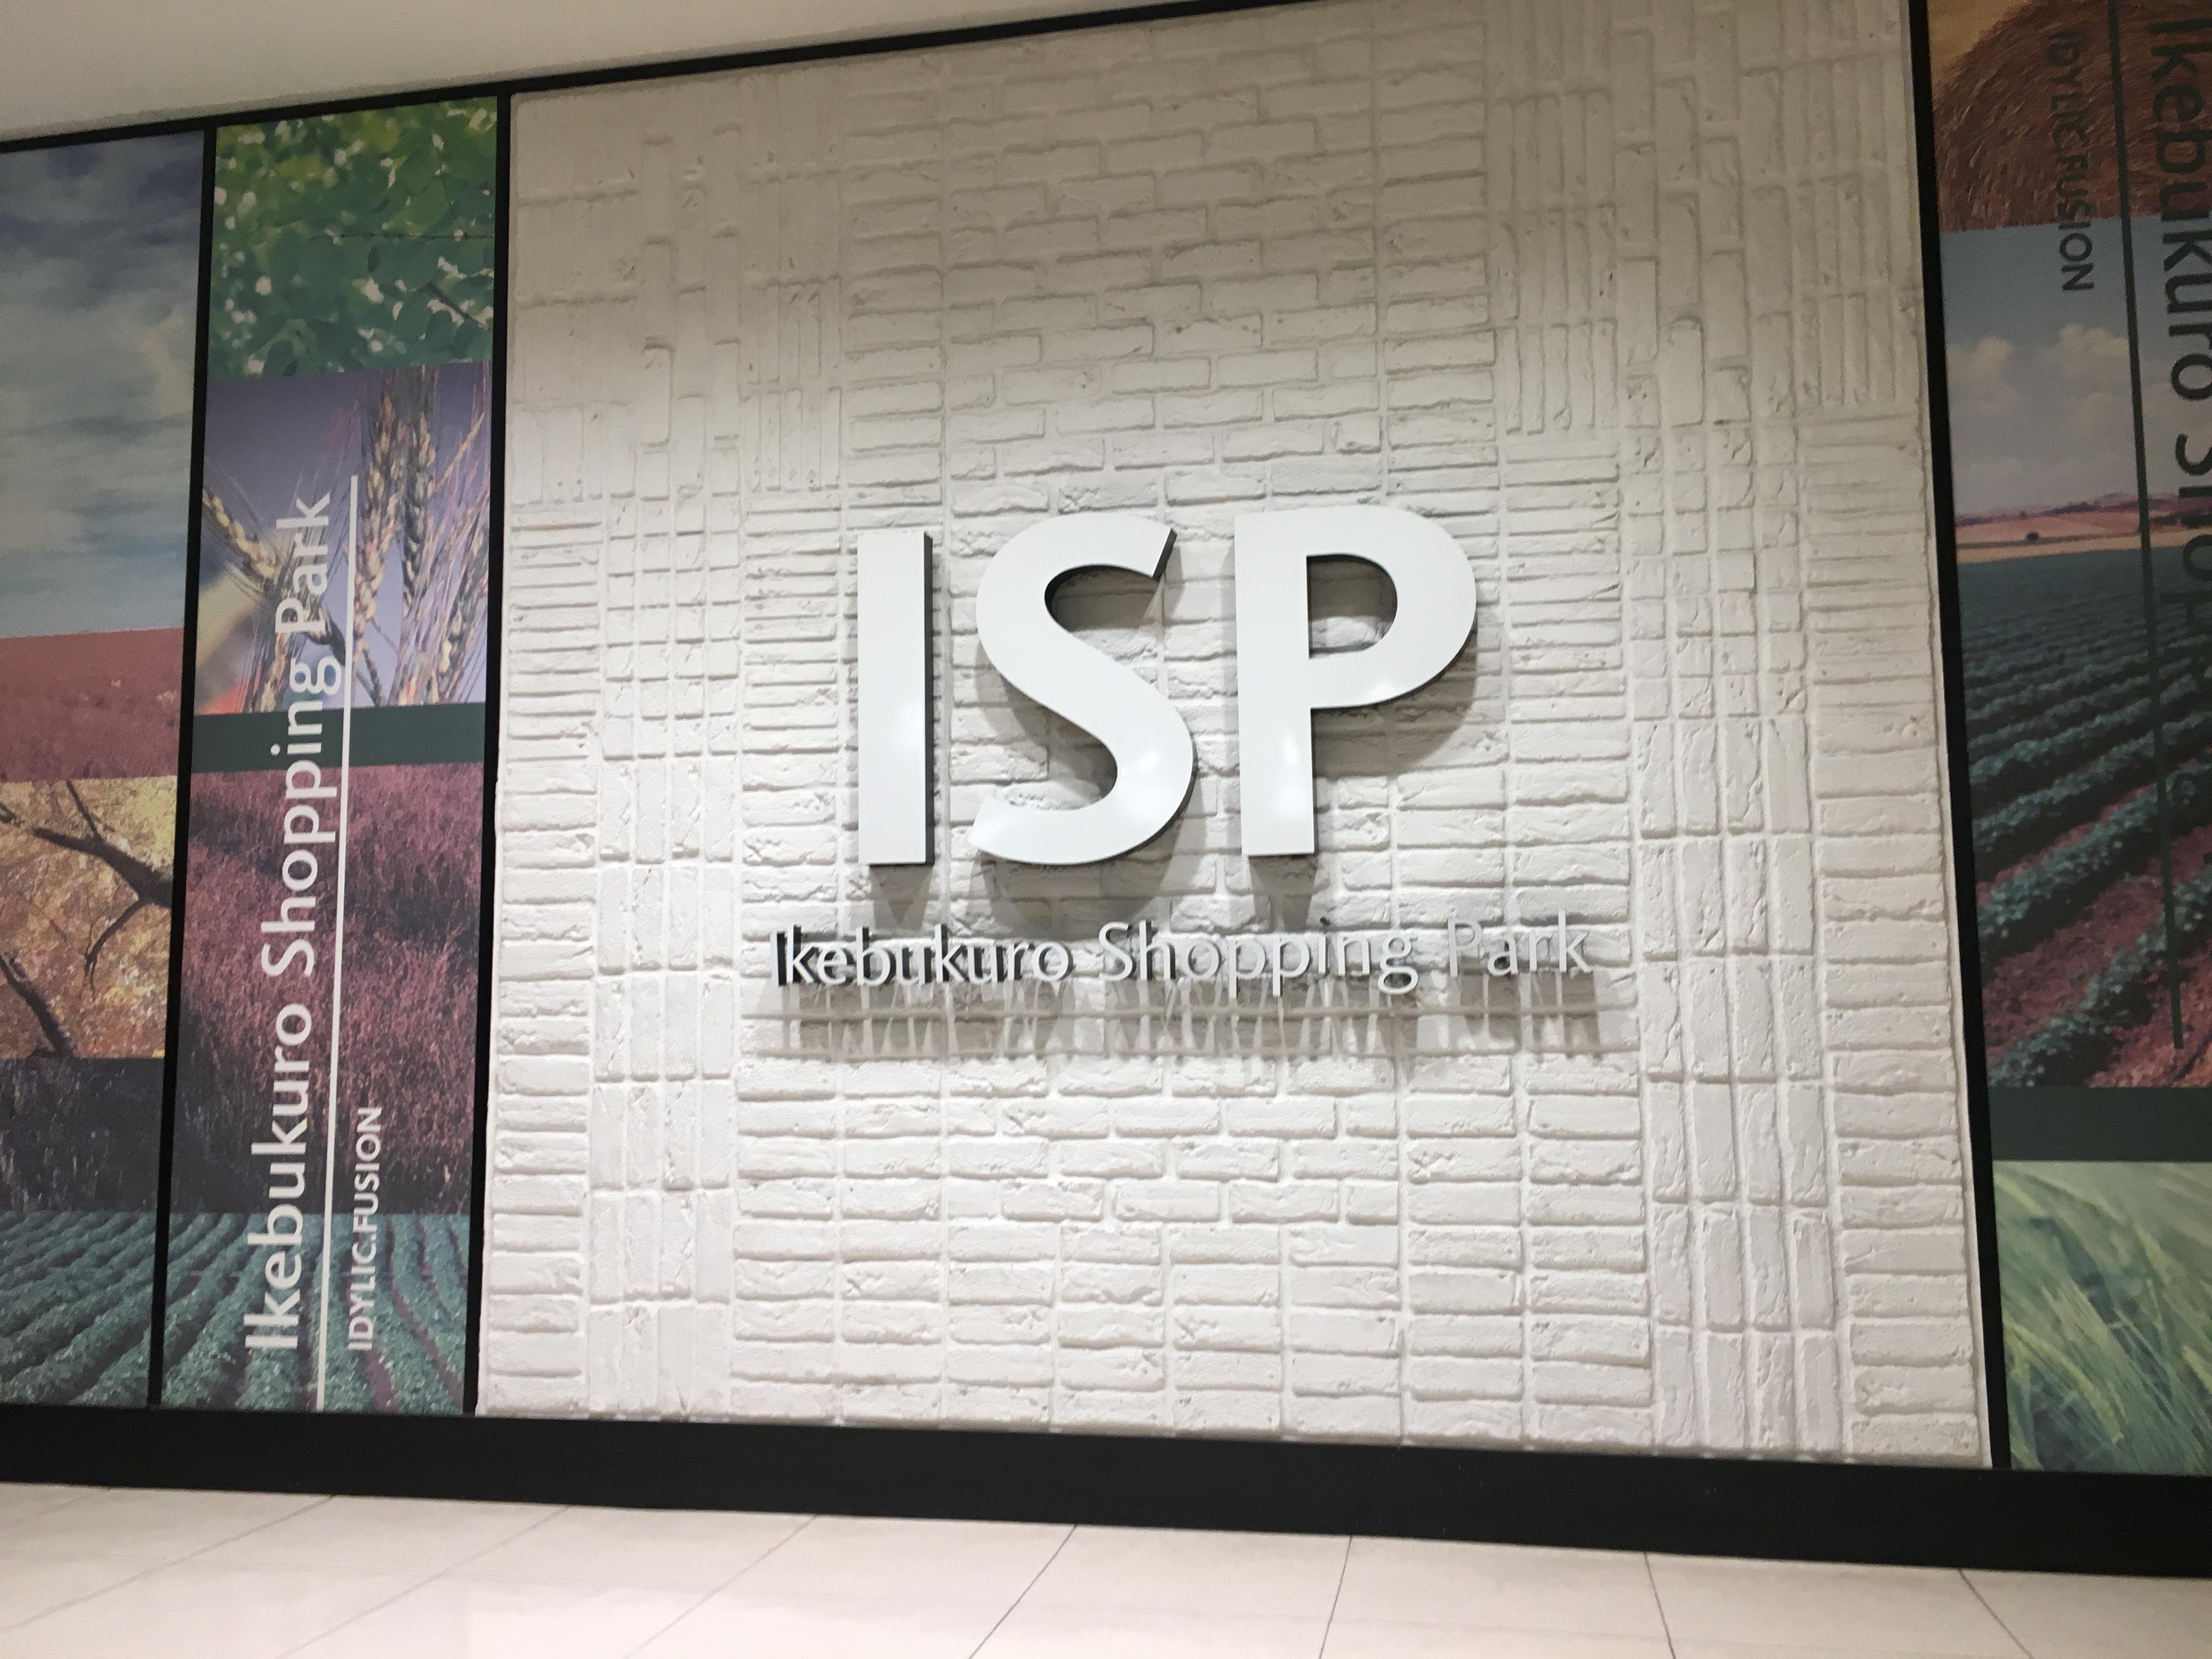 【池袋駅】東口の地下ショッピングセンターISP[ 池袋ショッピングパーク]が改装前セールだって!